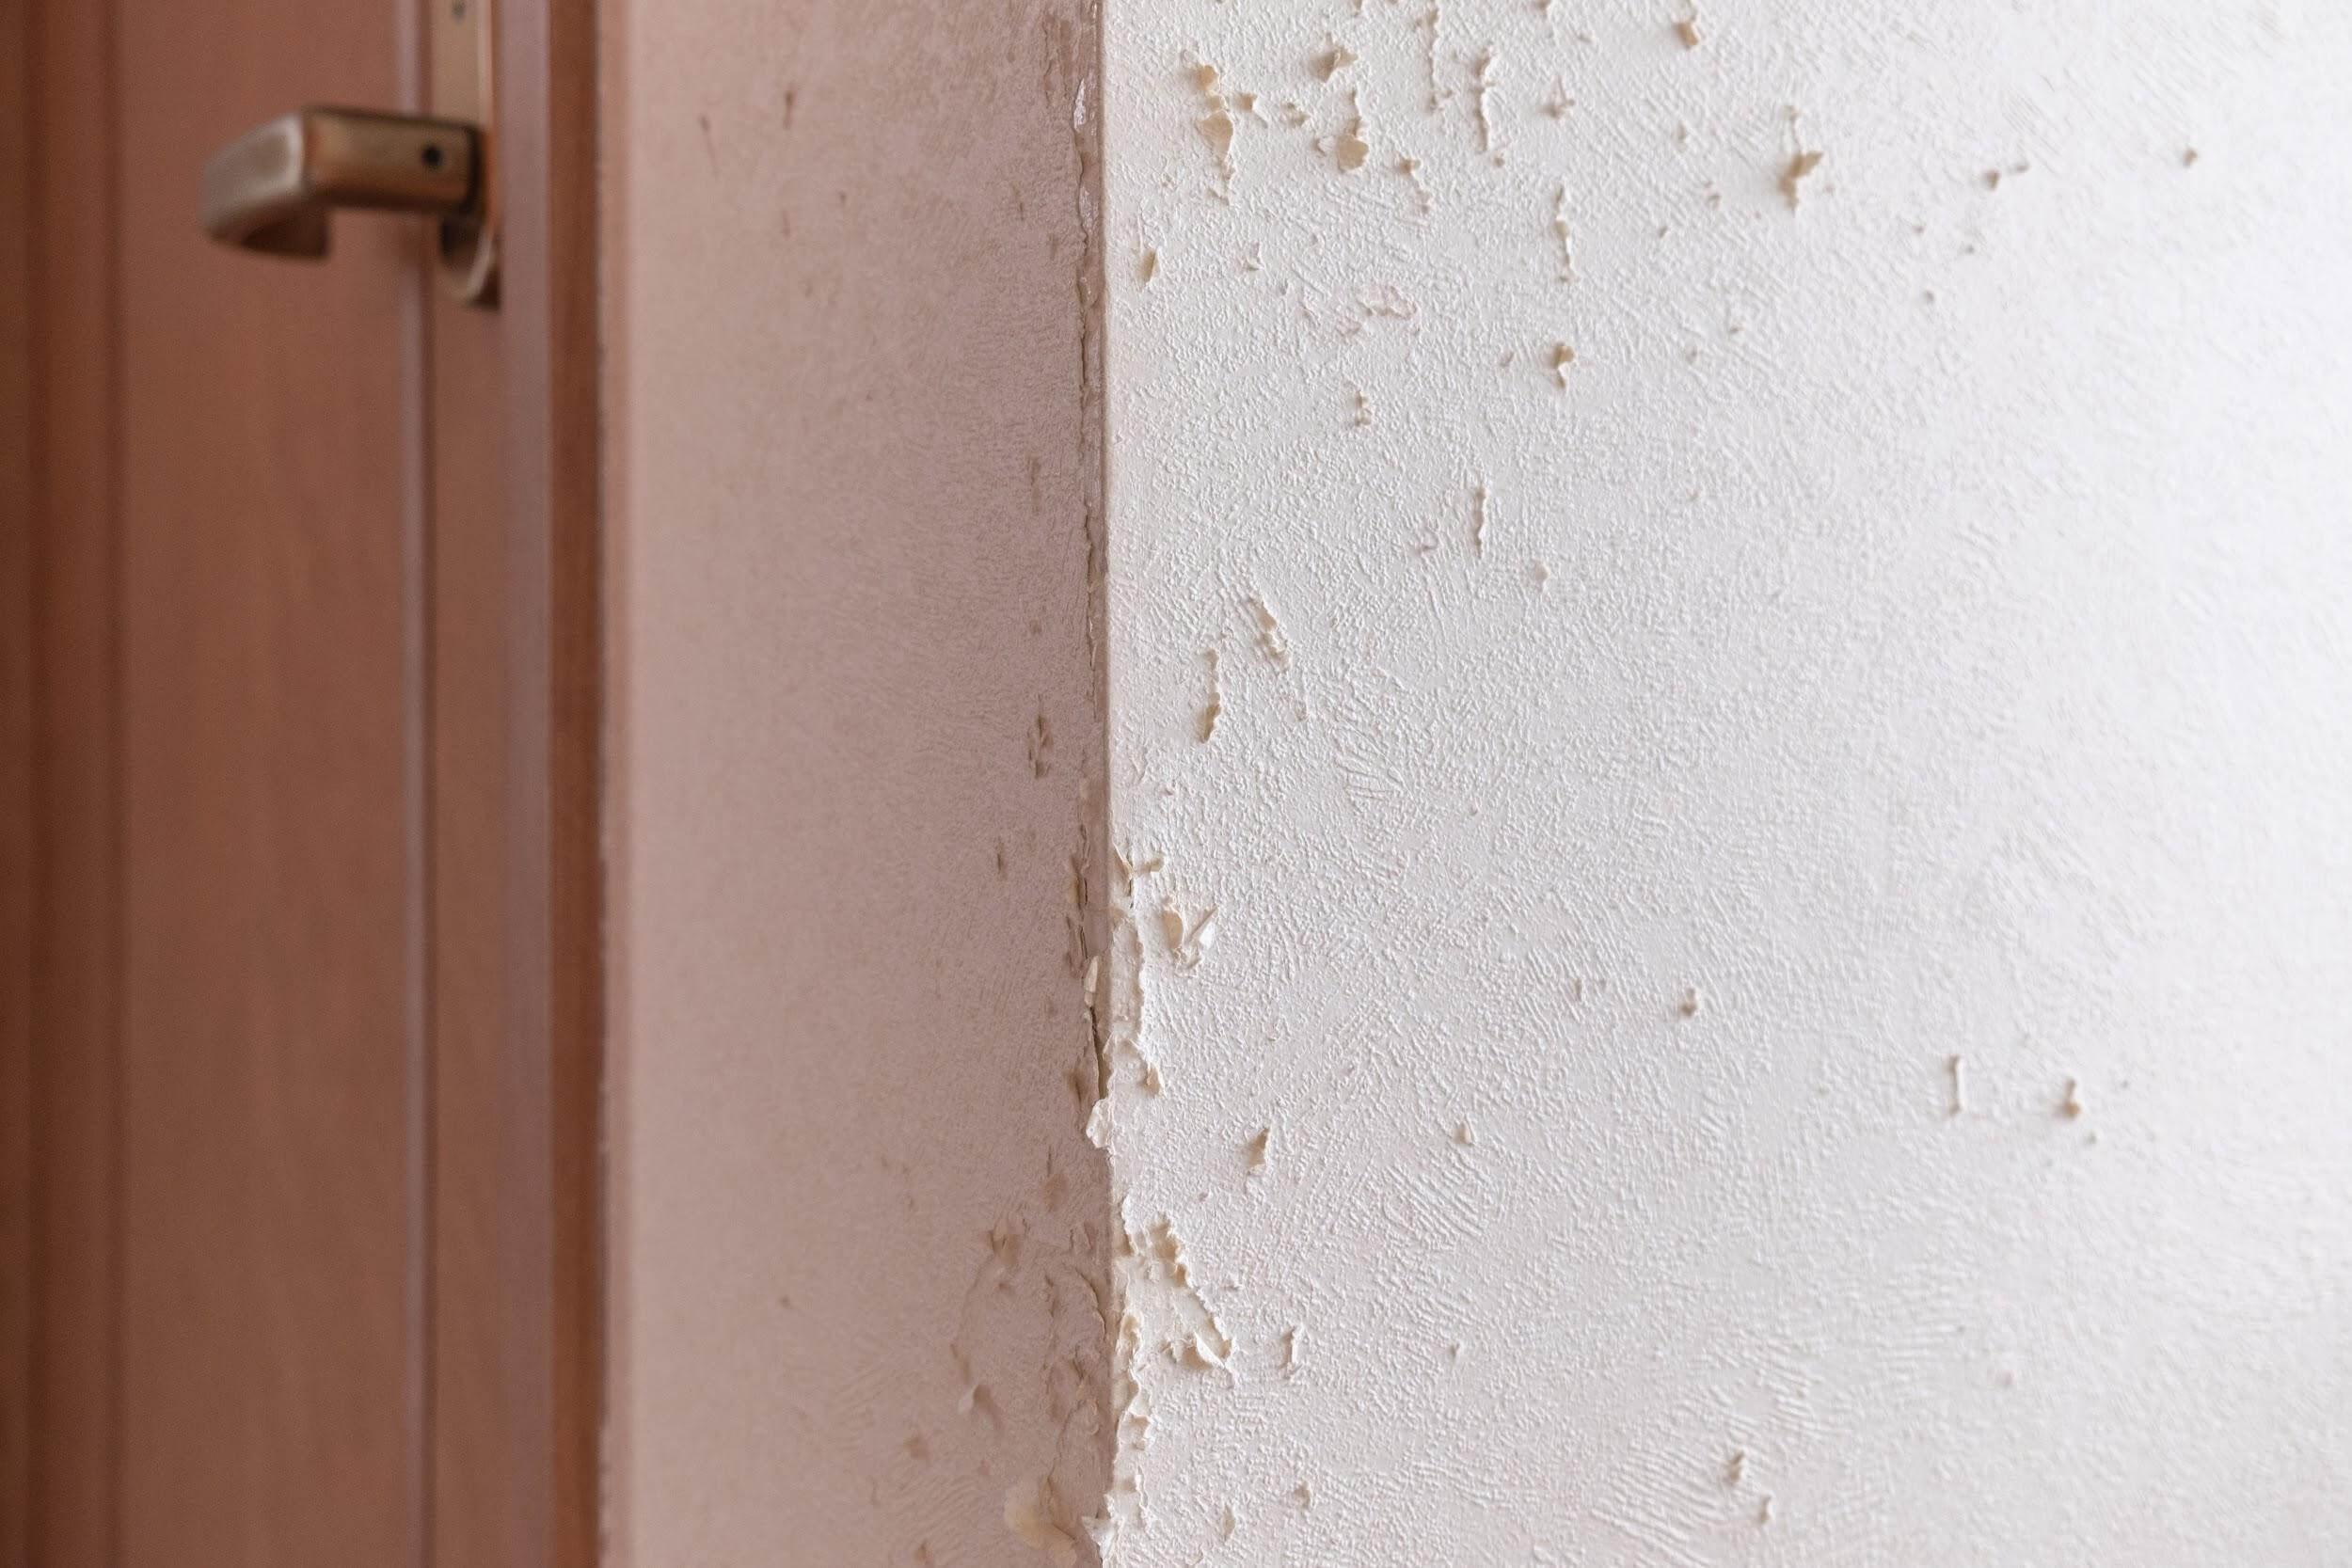 猫の引っかき傷で壁紙がボロボロ 補修費用とdiy方法を大公開 ゼロ